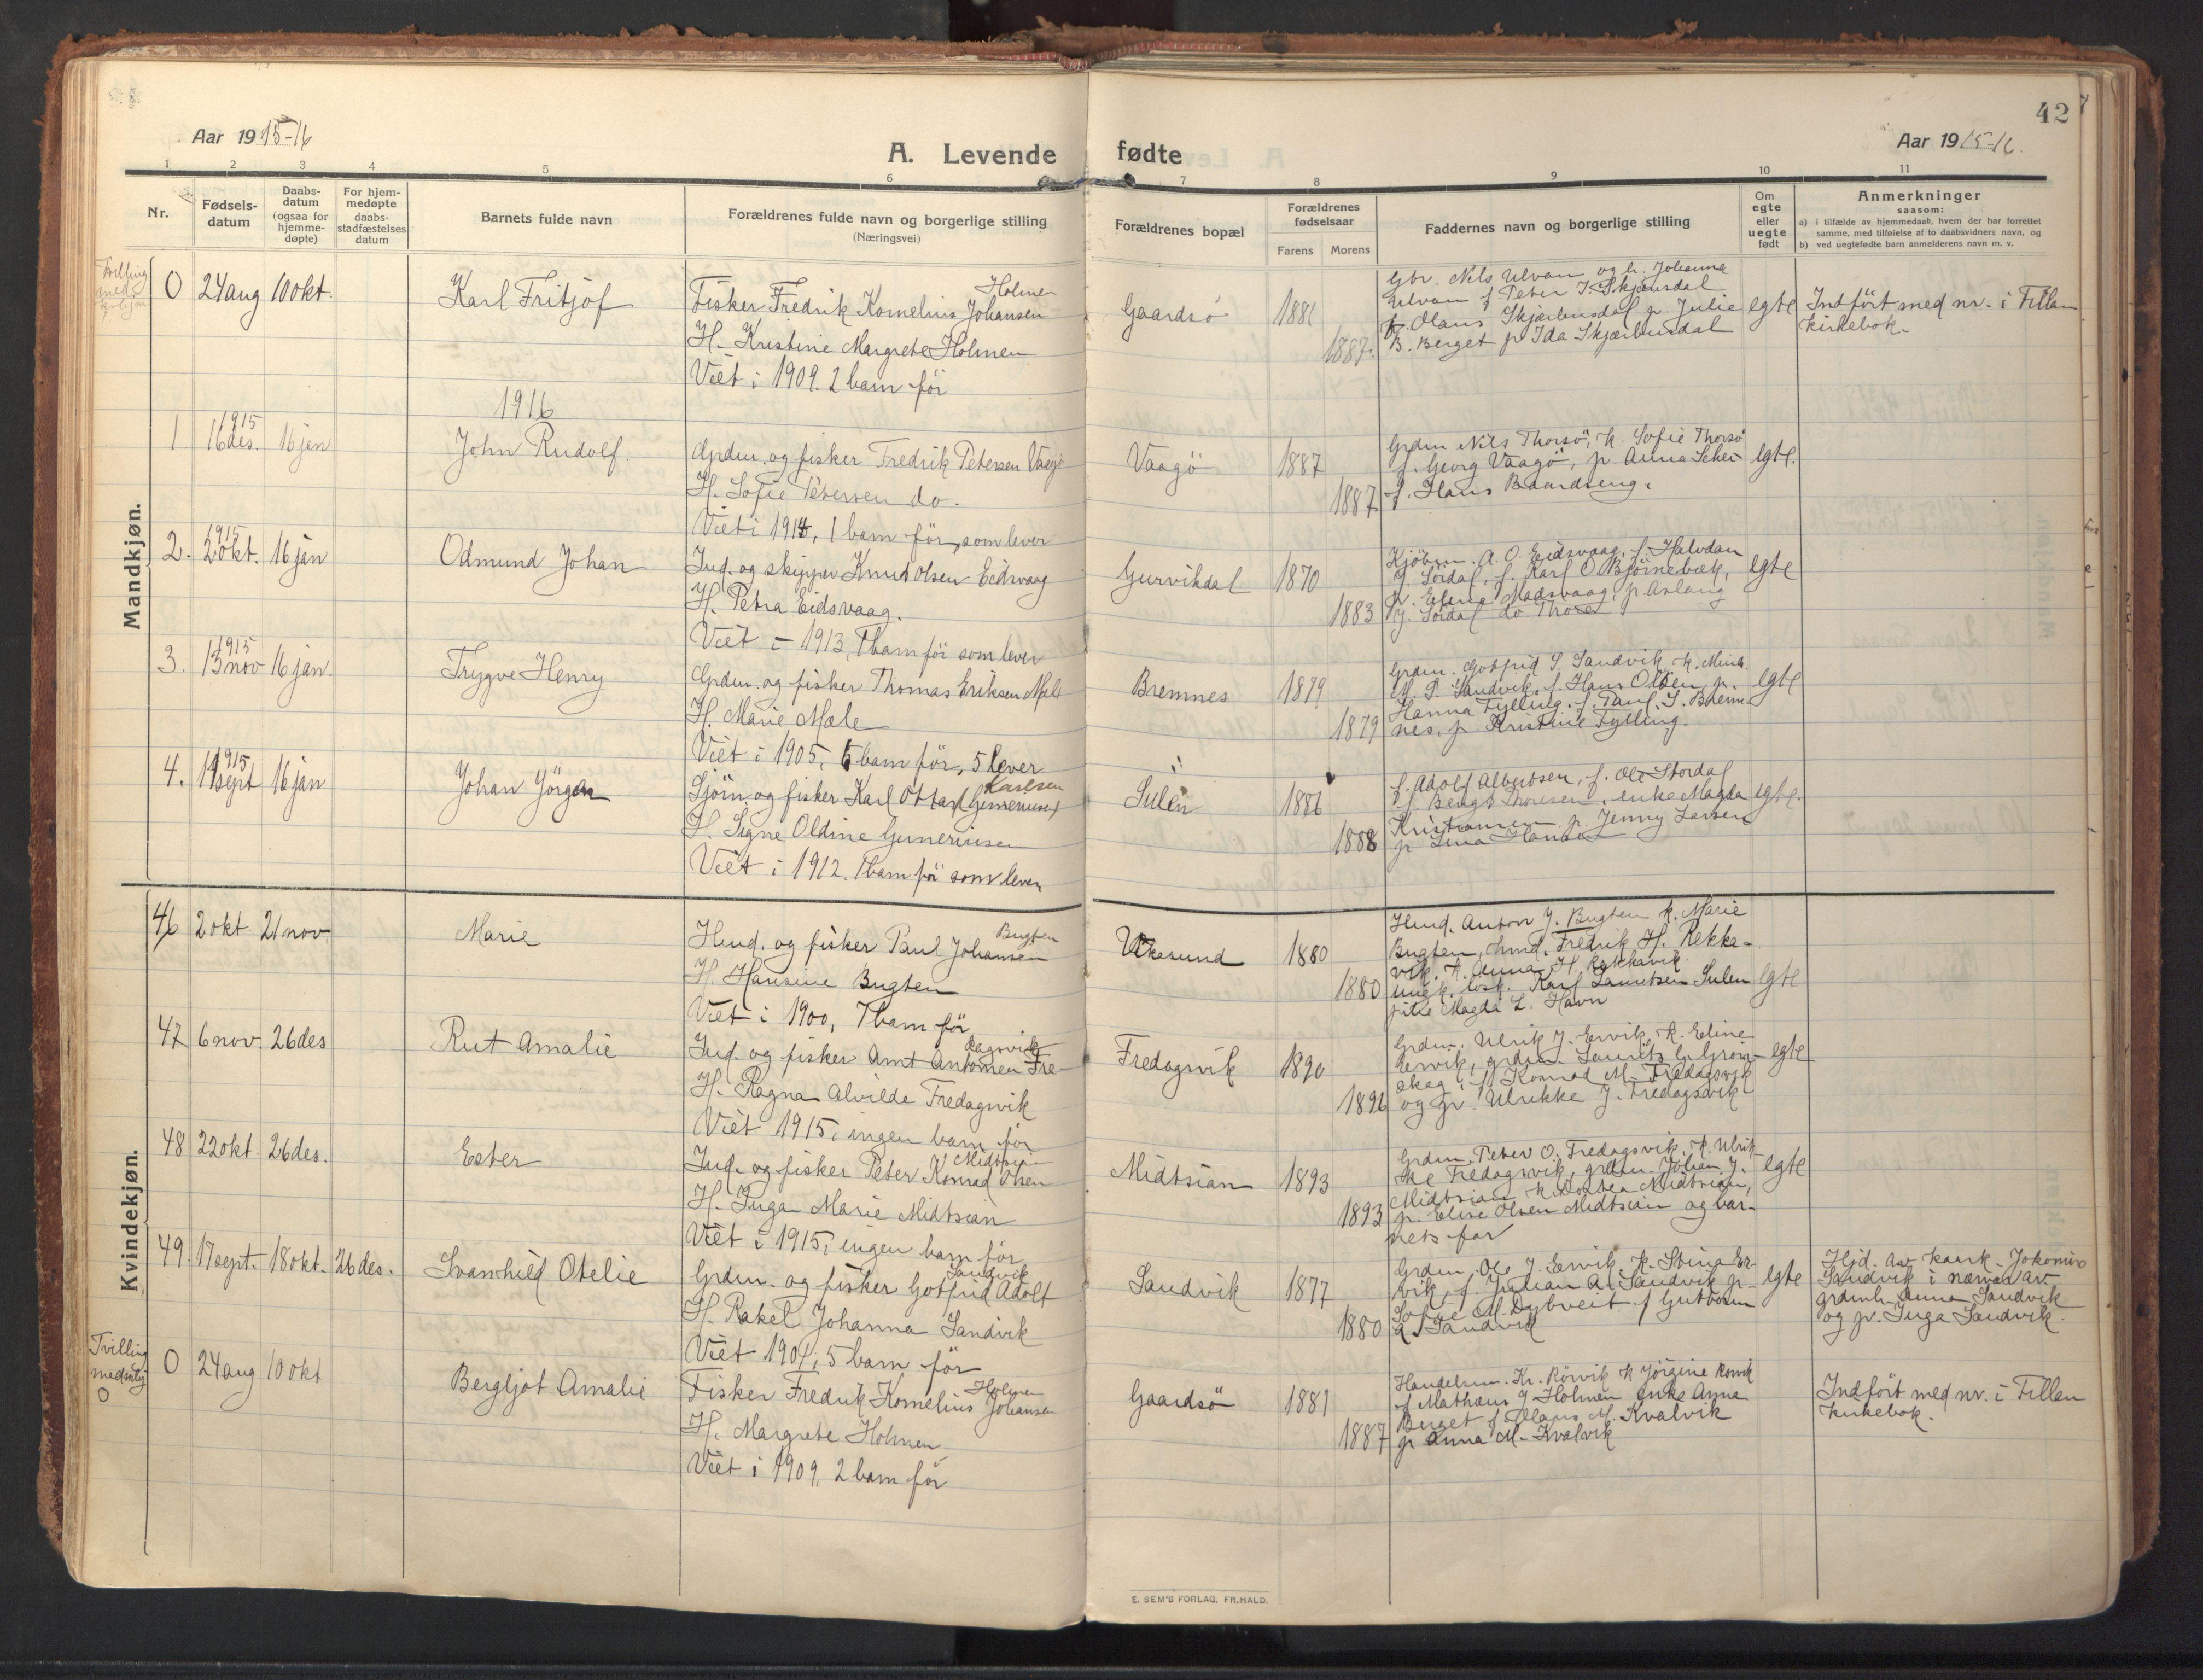 SAT, Ministerialprotokoller, klokkerbøker og fødselsregistre - Sør-Trøndelag, 640/L0581: Ministerialbok nr. 640A06, 1910-1924, s. 42